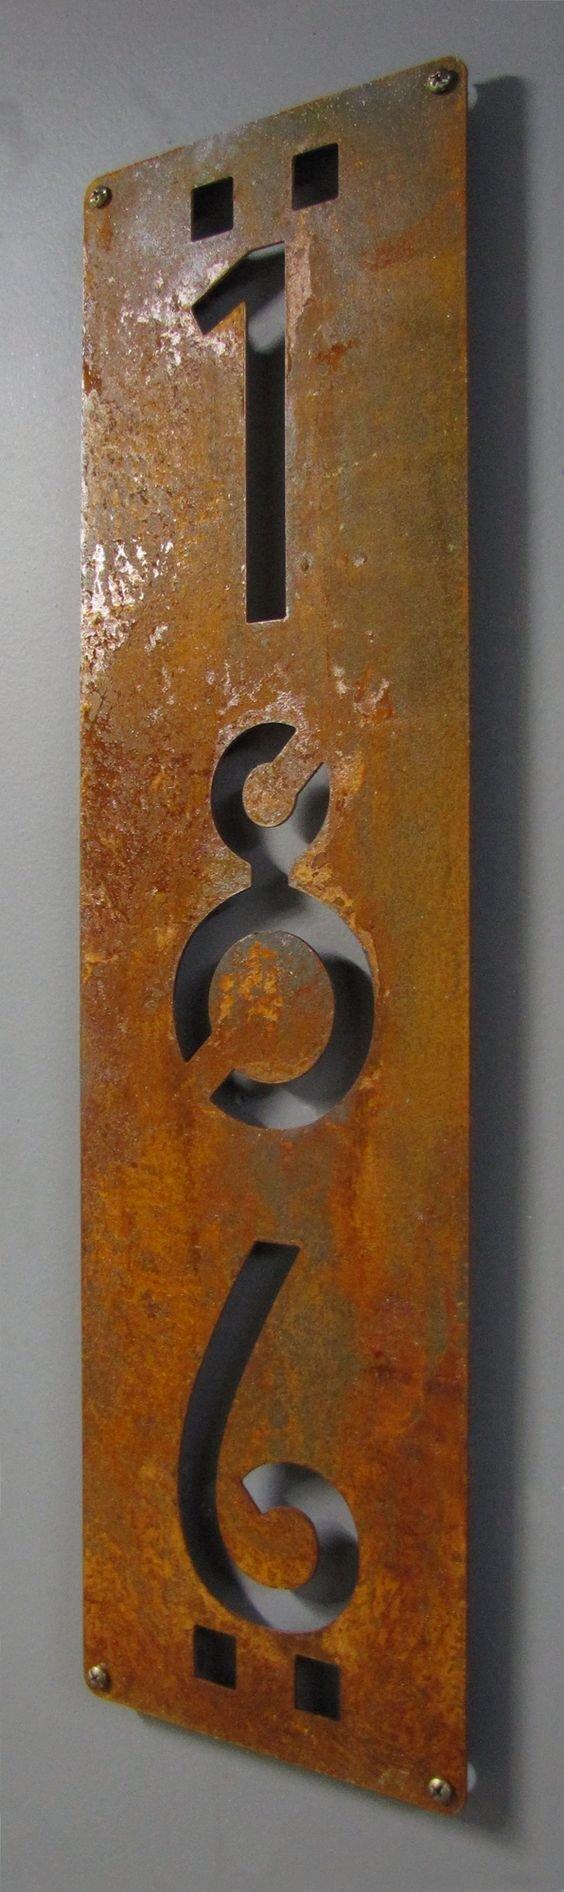 Выбейте на металле Фабрика идей, адрес, интересное, креатив, номера, умельцы